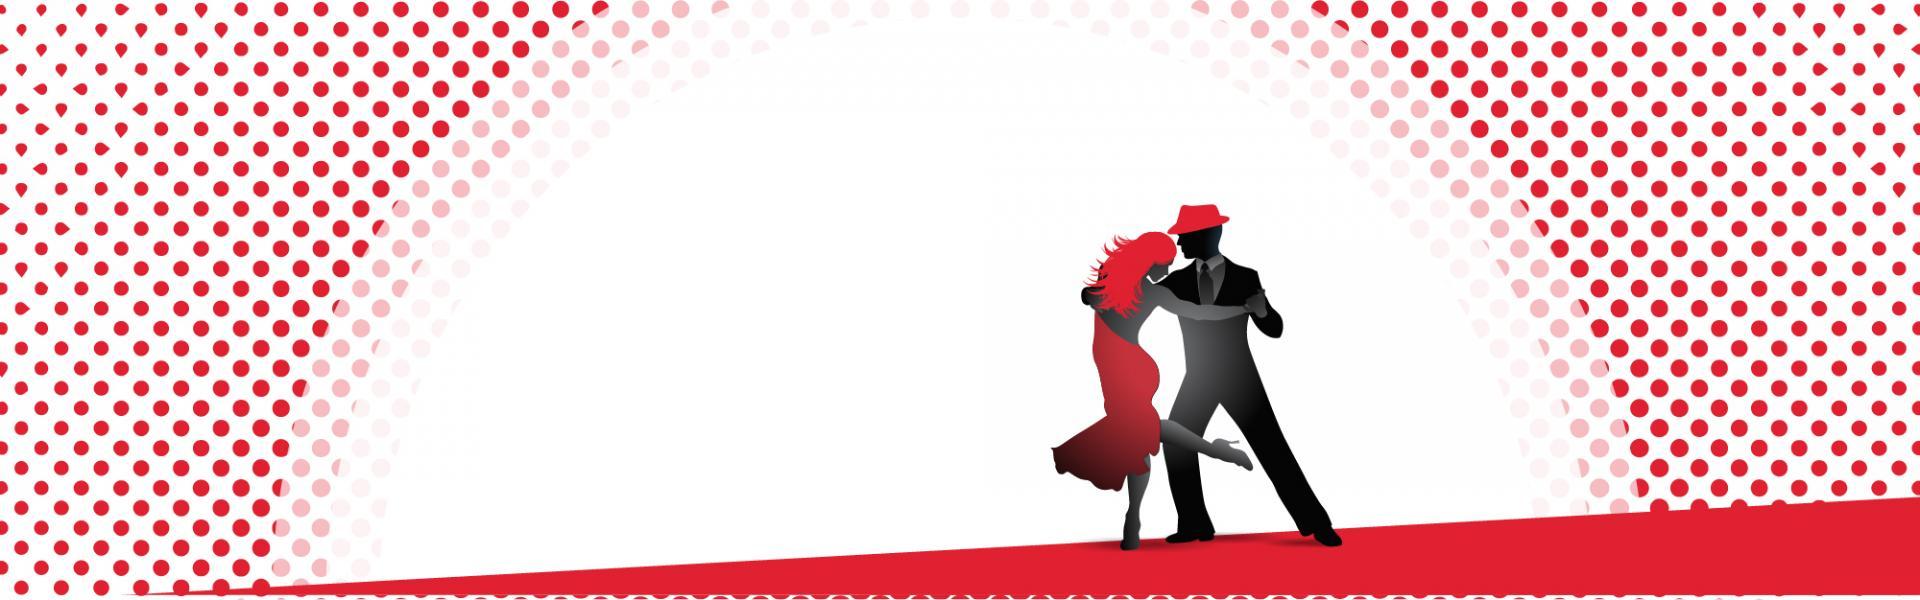 M danse